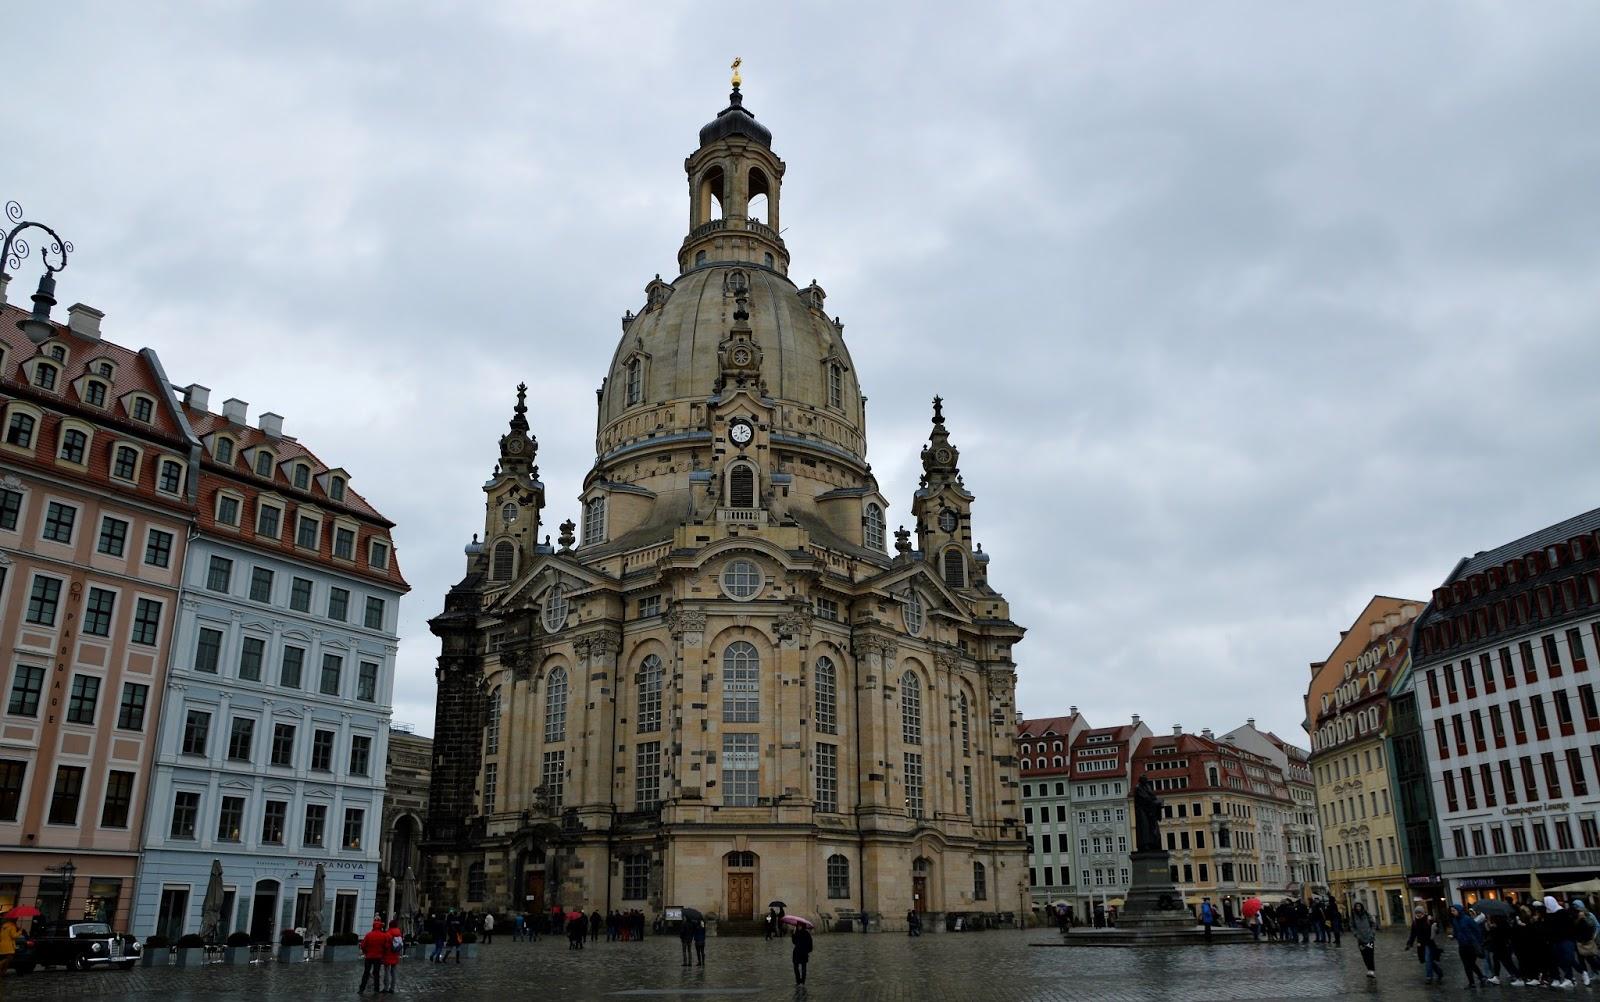 Frauenkirche Kościół Marii Panny Neumarkt Drezno